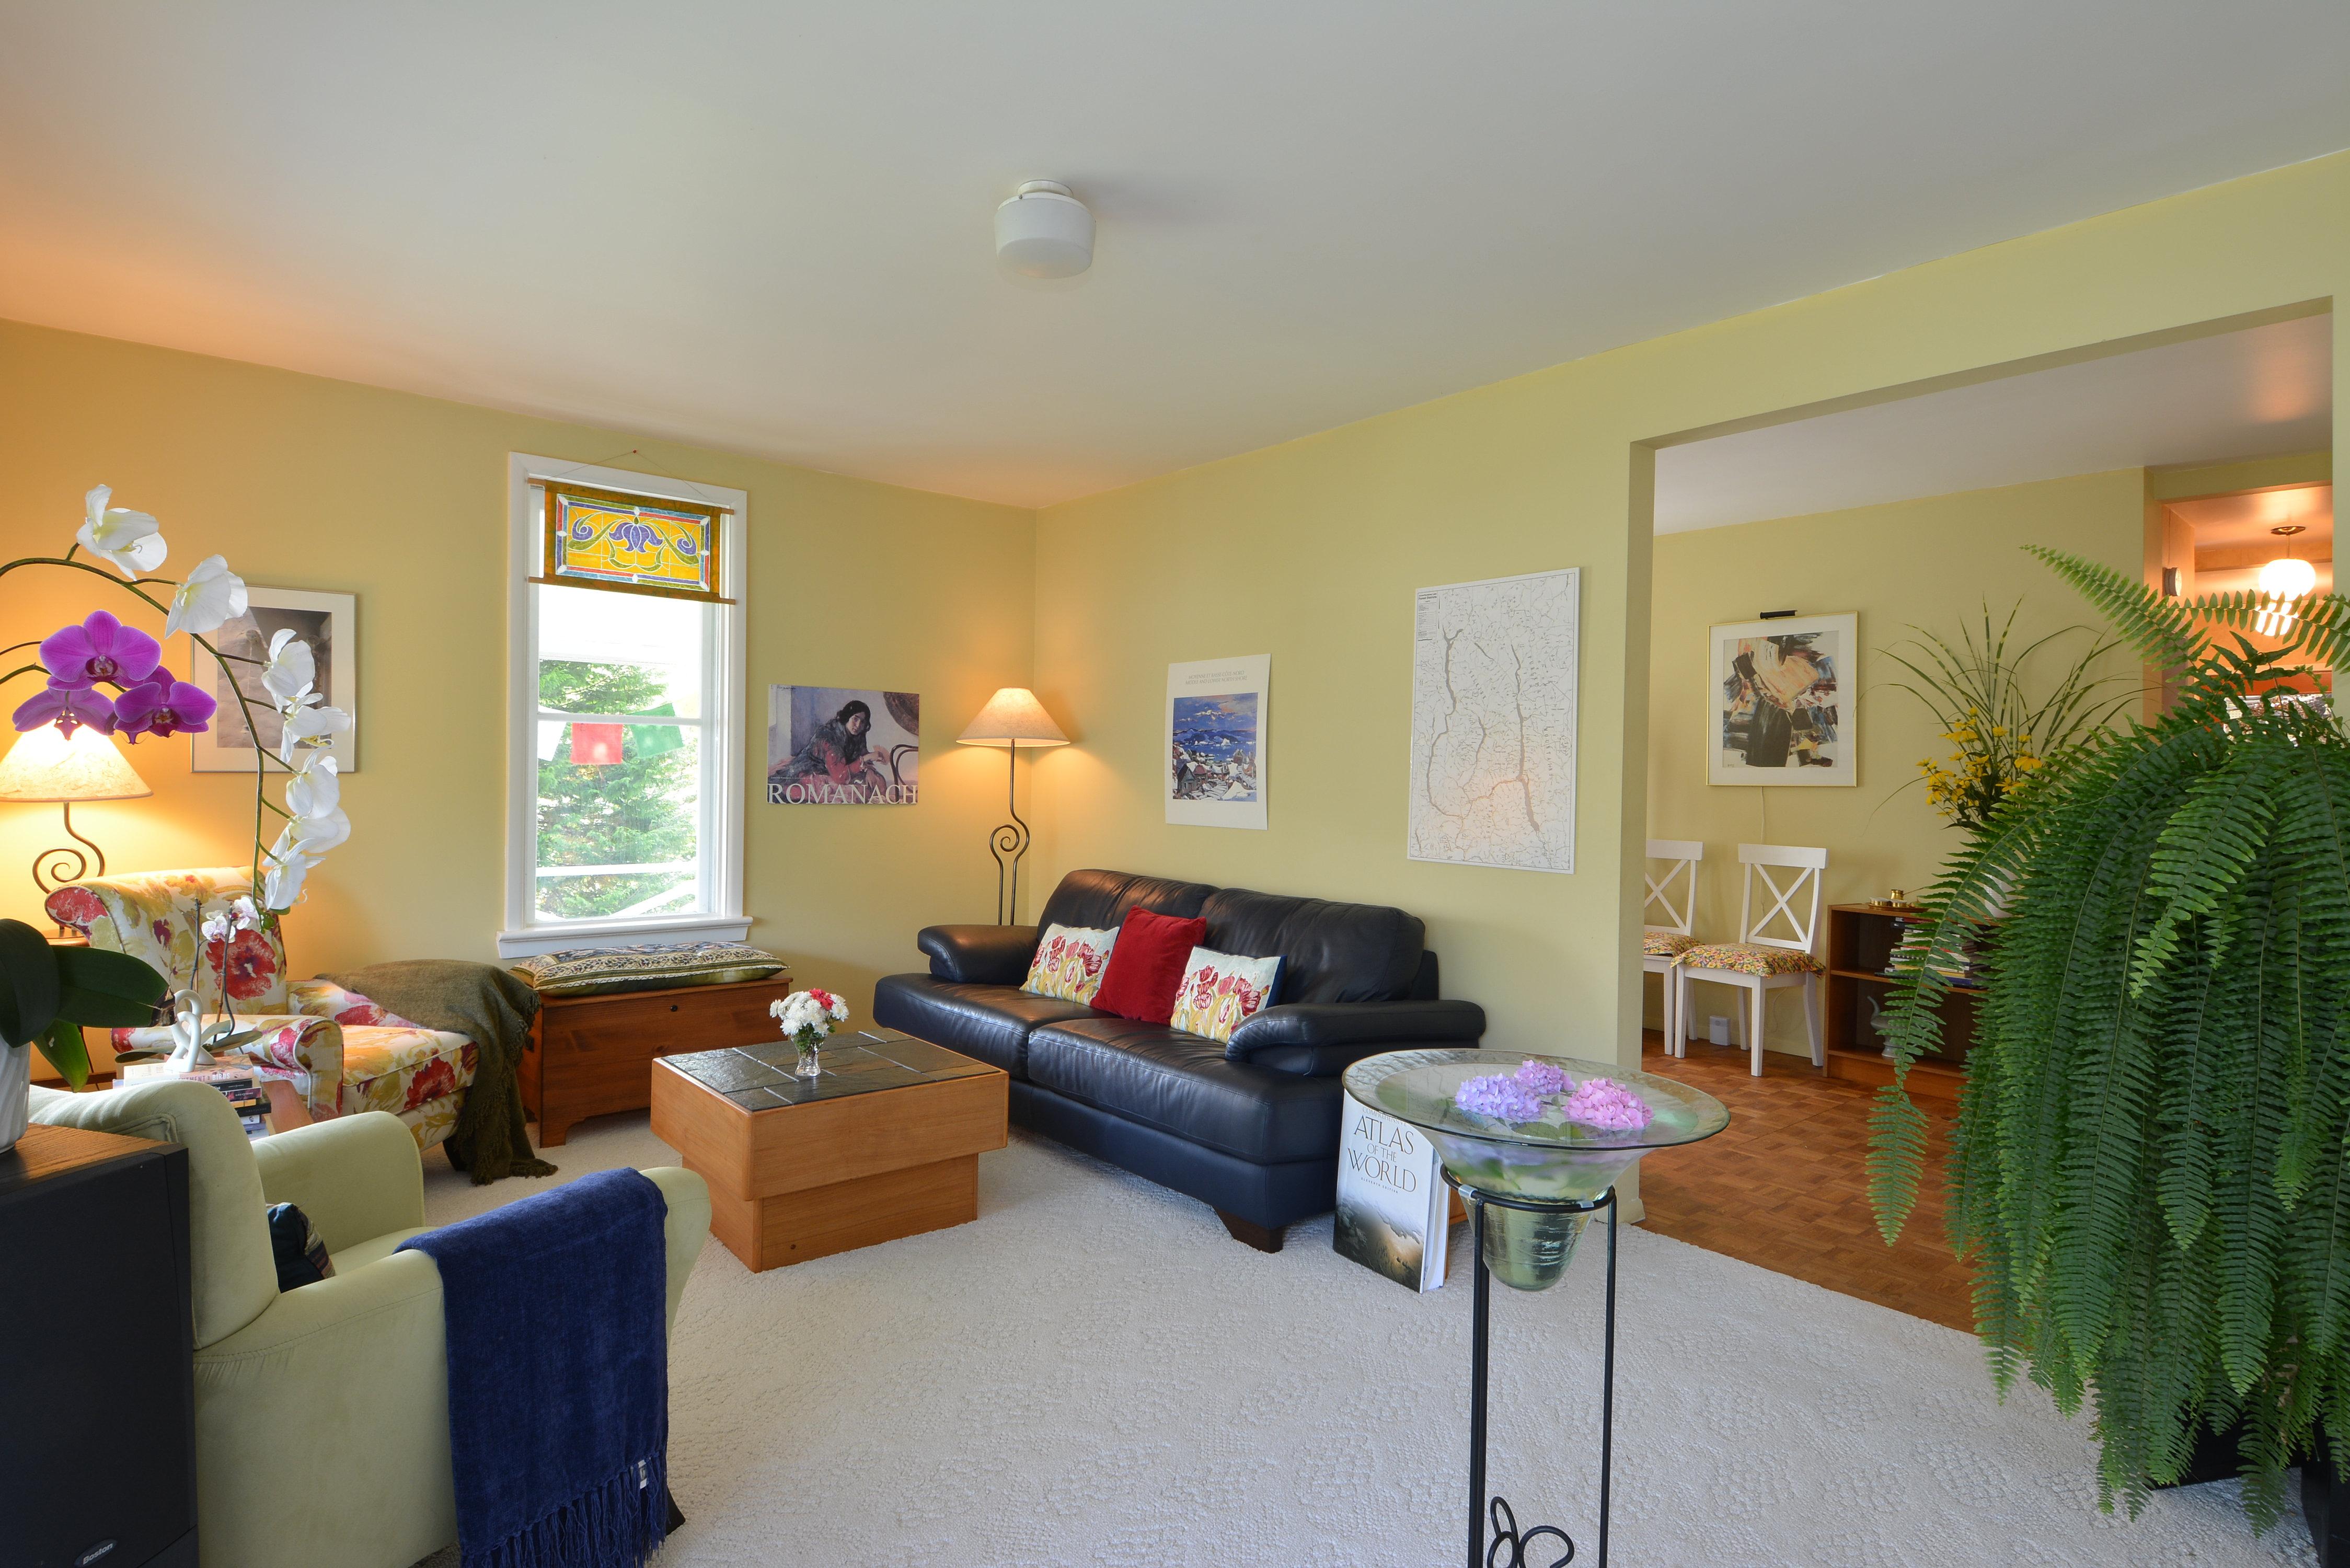 Nelson real estate john knox realtor nelson bc mls for 16 x 20 living room